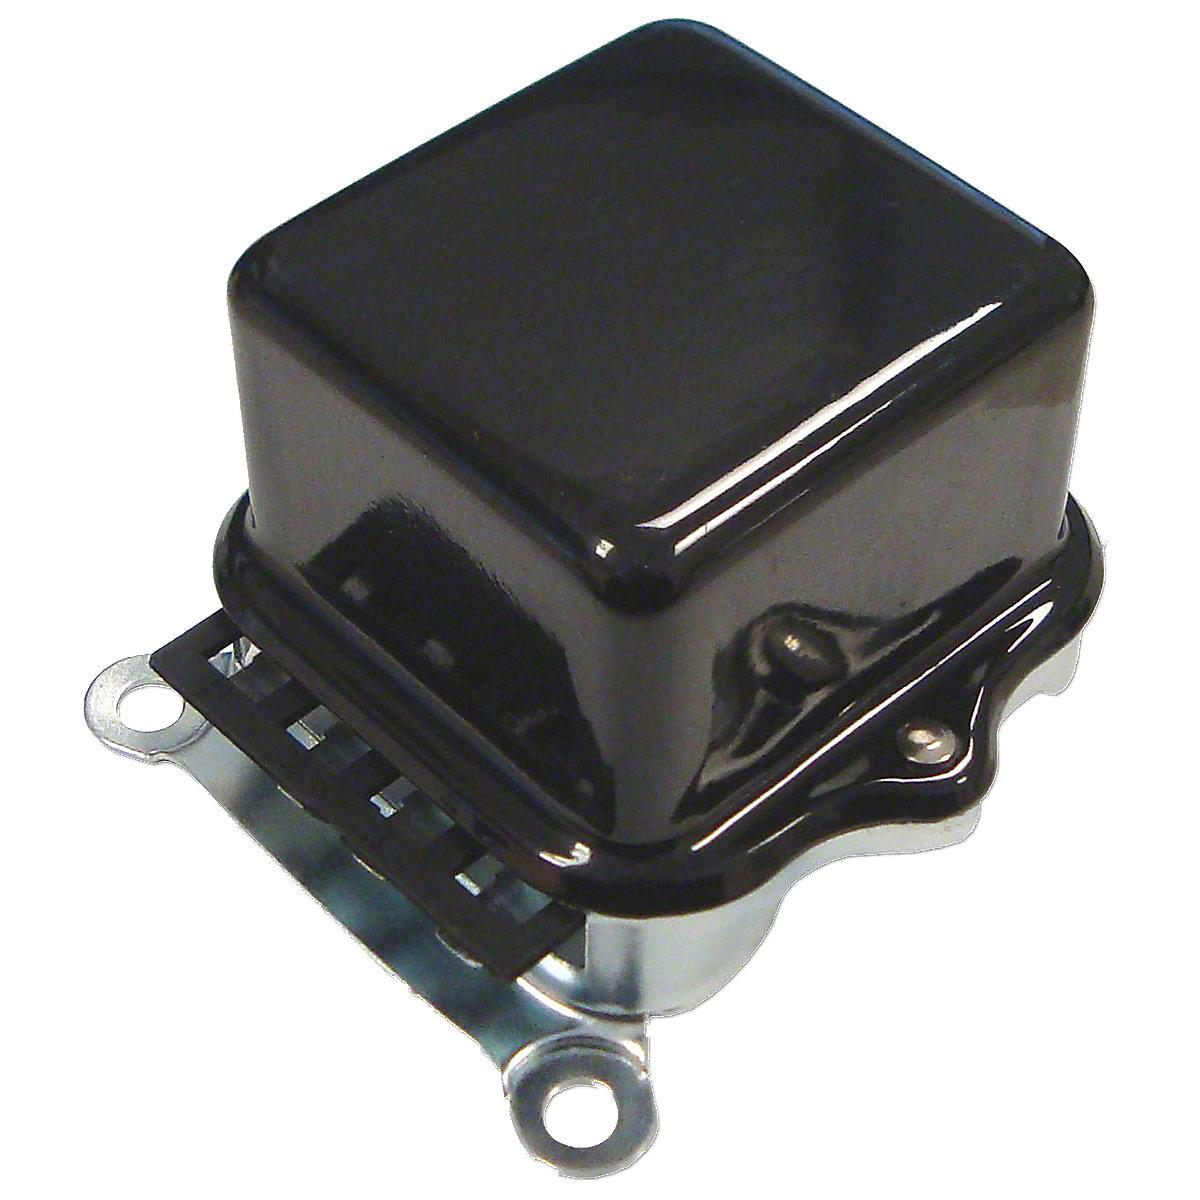 Base Mount 12 Volt Voltage Regulator For Allis Chalmers: 19XT, 170, 175, 180, 185, 190, D21, 160, 200, 210, 220.